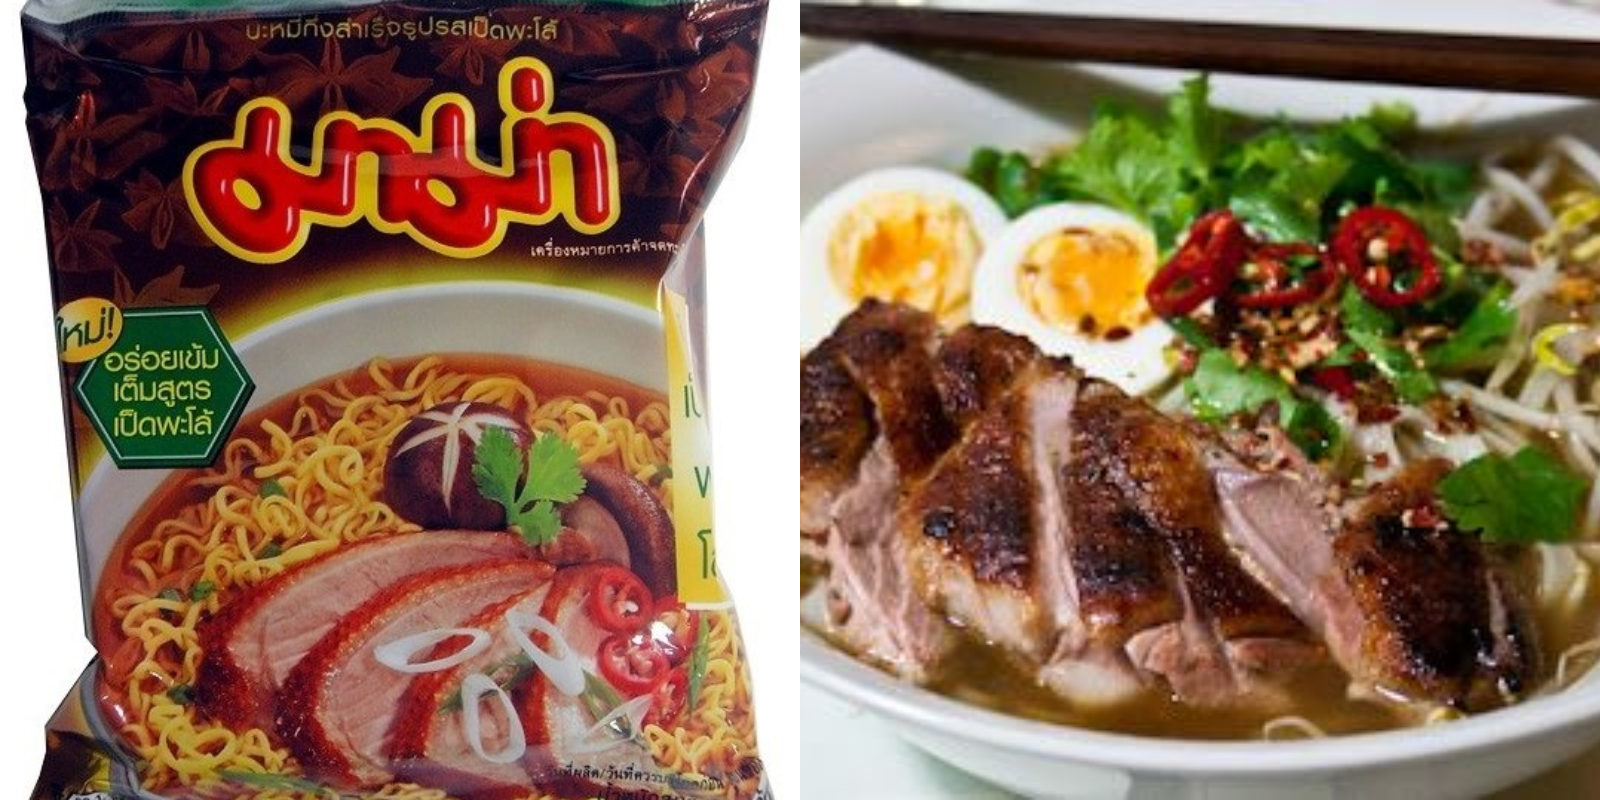 這款泰國MAMA鴨肉麵,湯頭和台灣習慣的口味非常相似,推薦給不喜歡椰香和鹹味的朋友。